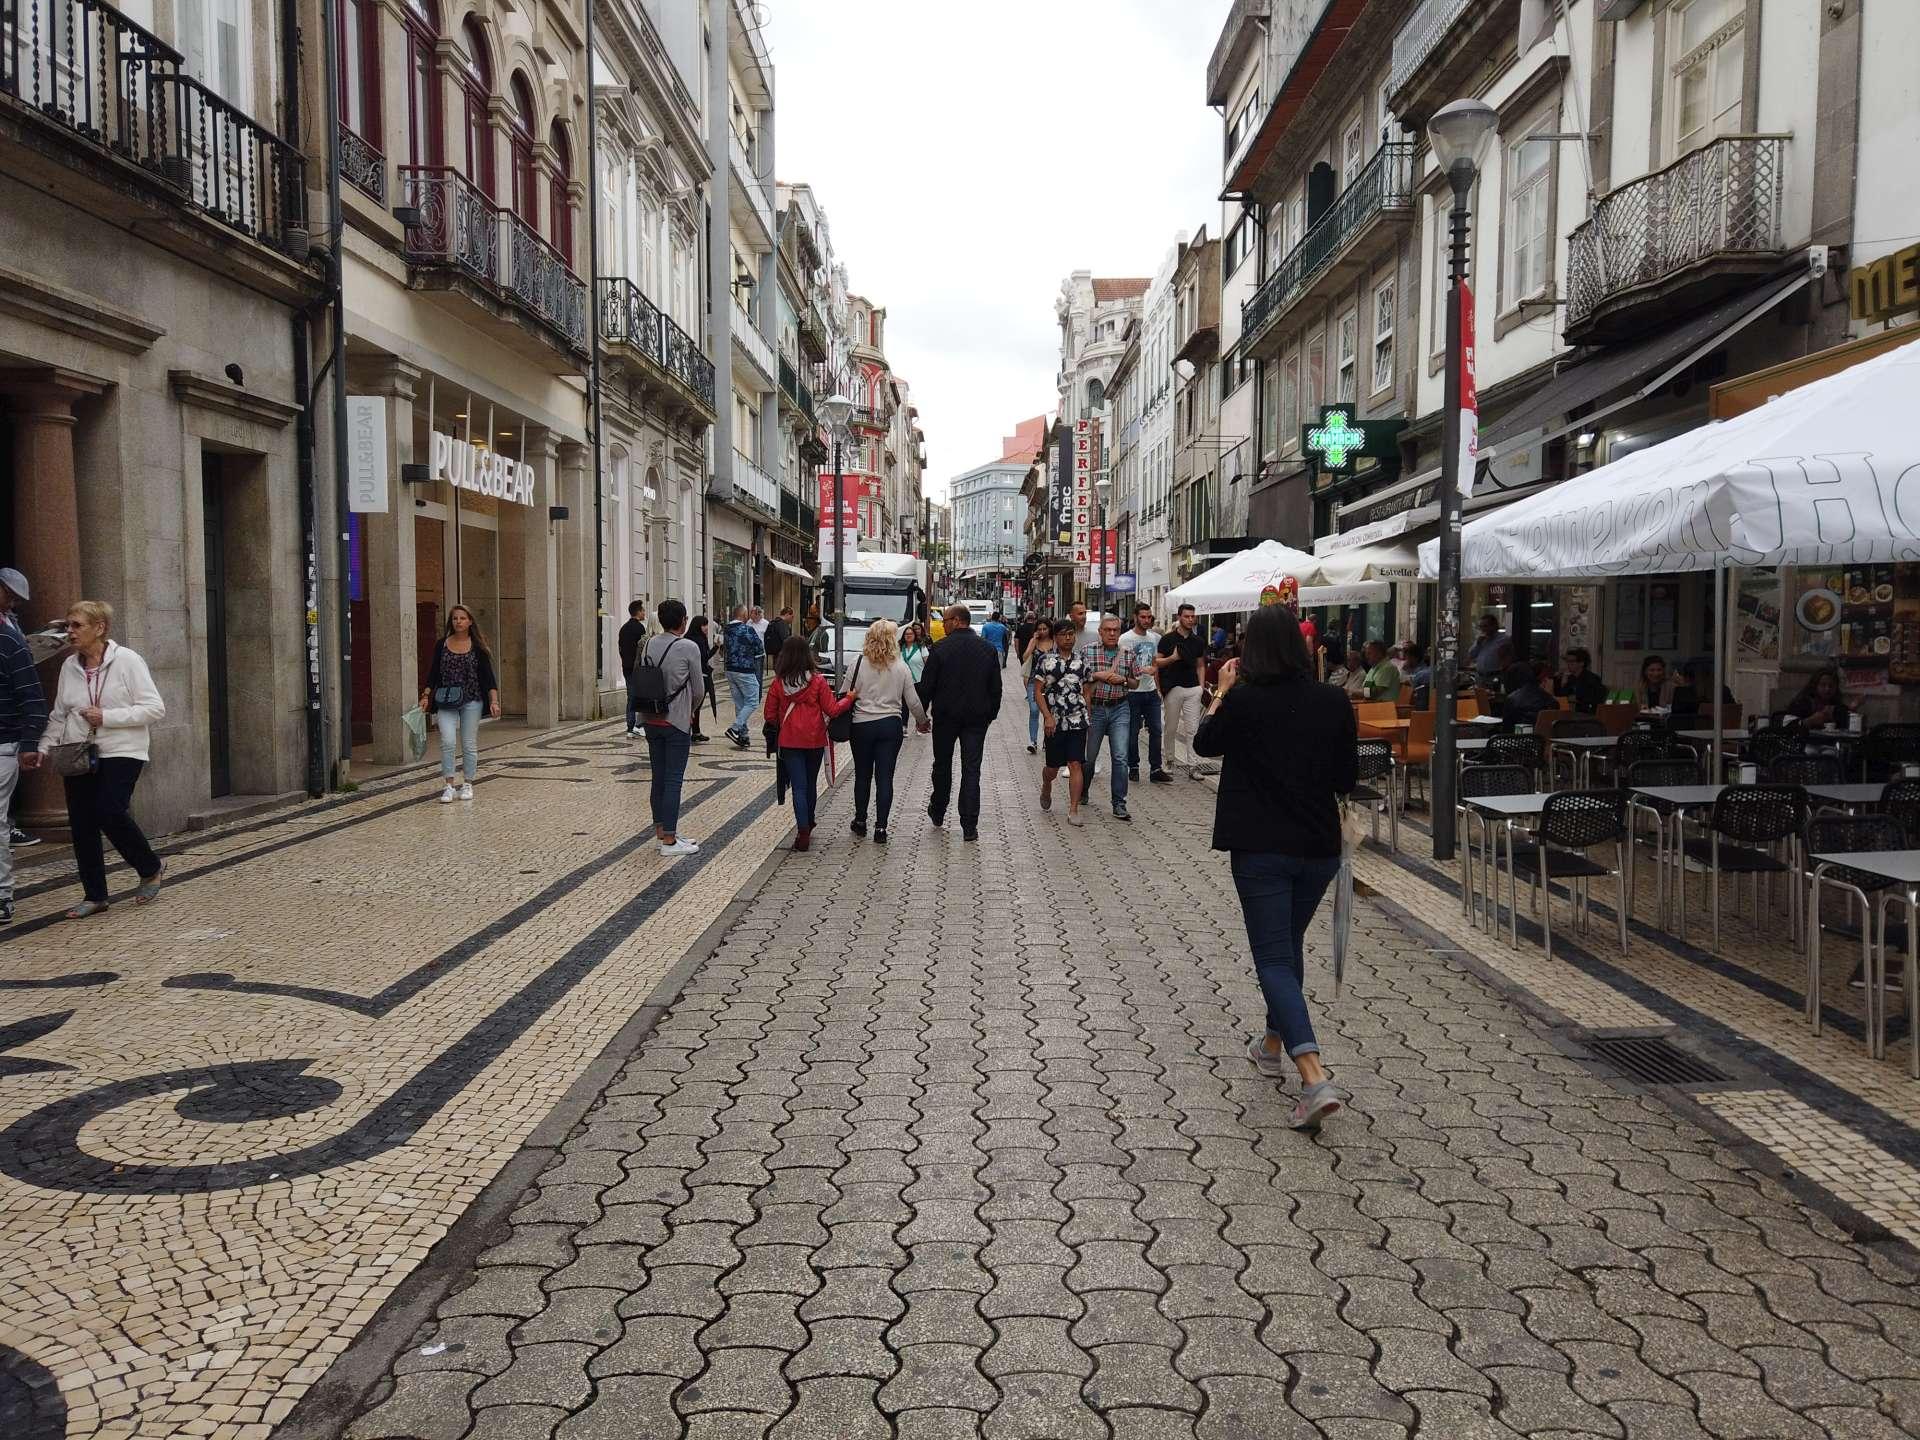 Čtvrť Bolhao je známá mnoha obchody a romantickou kavárnou Café Majestic. My šli nahoru na zastávku Batalha počkat na historickou tramvaj.